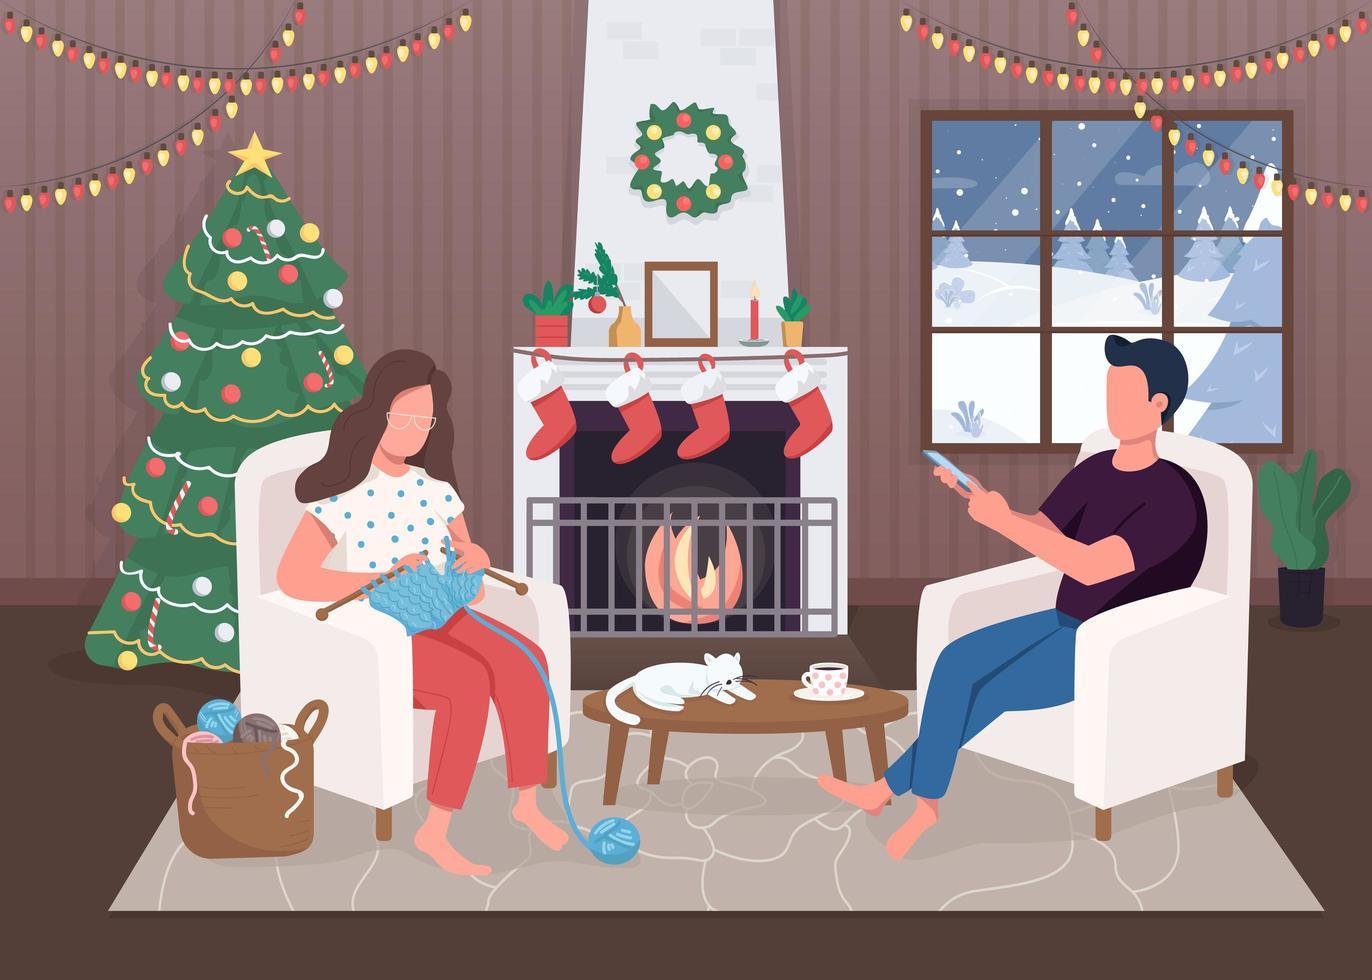 kerstavond bij het vuur vector